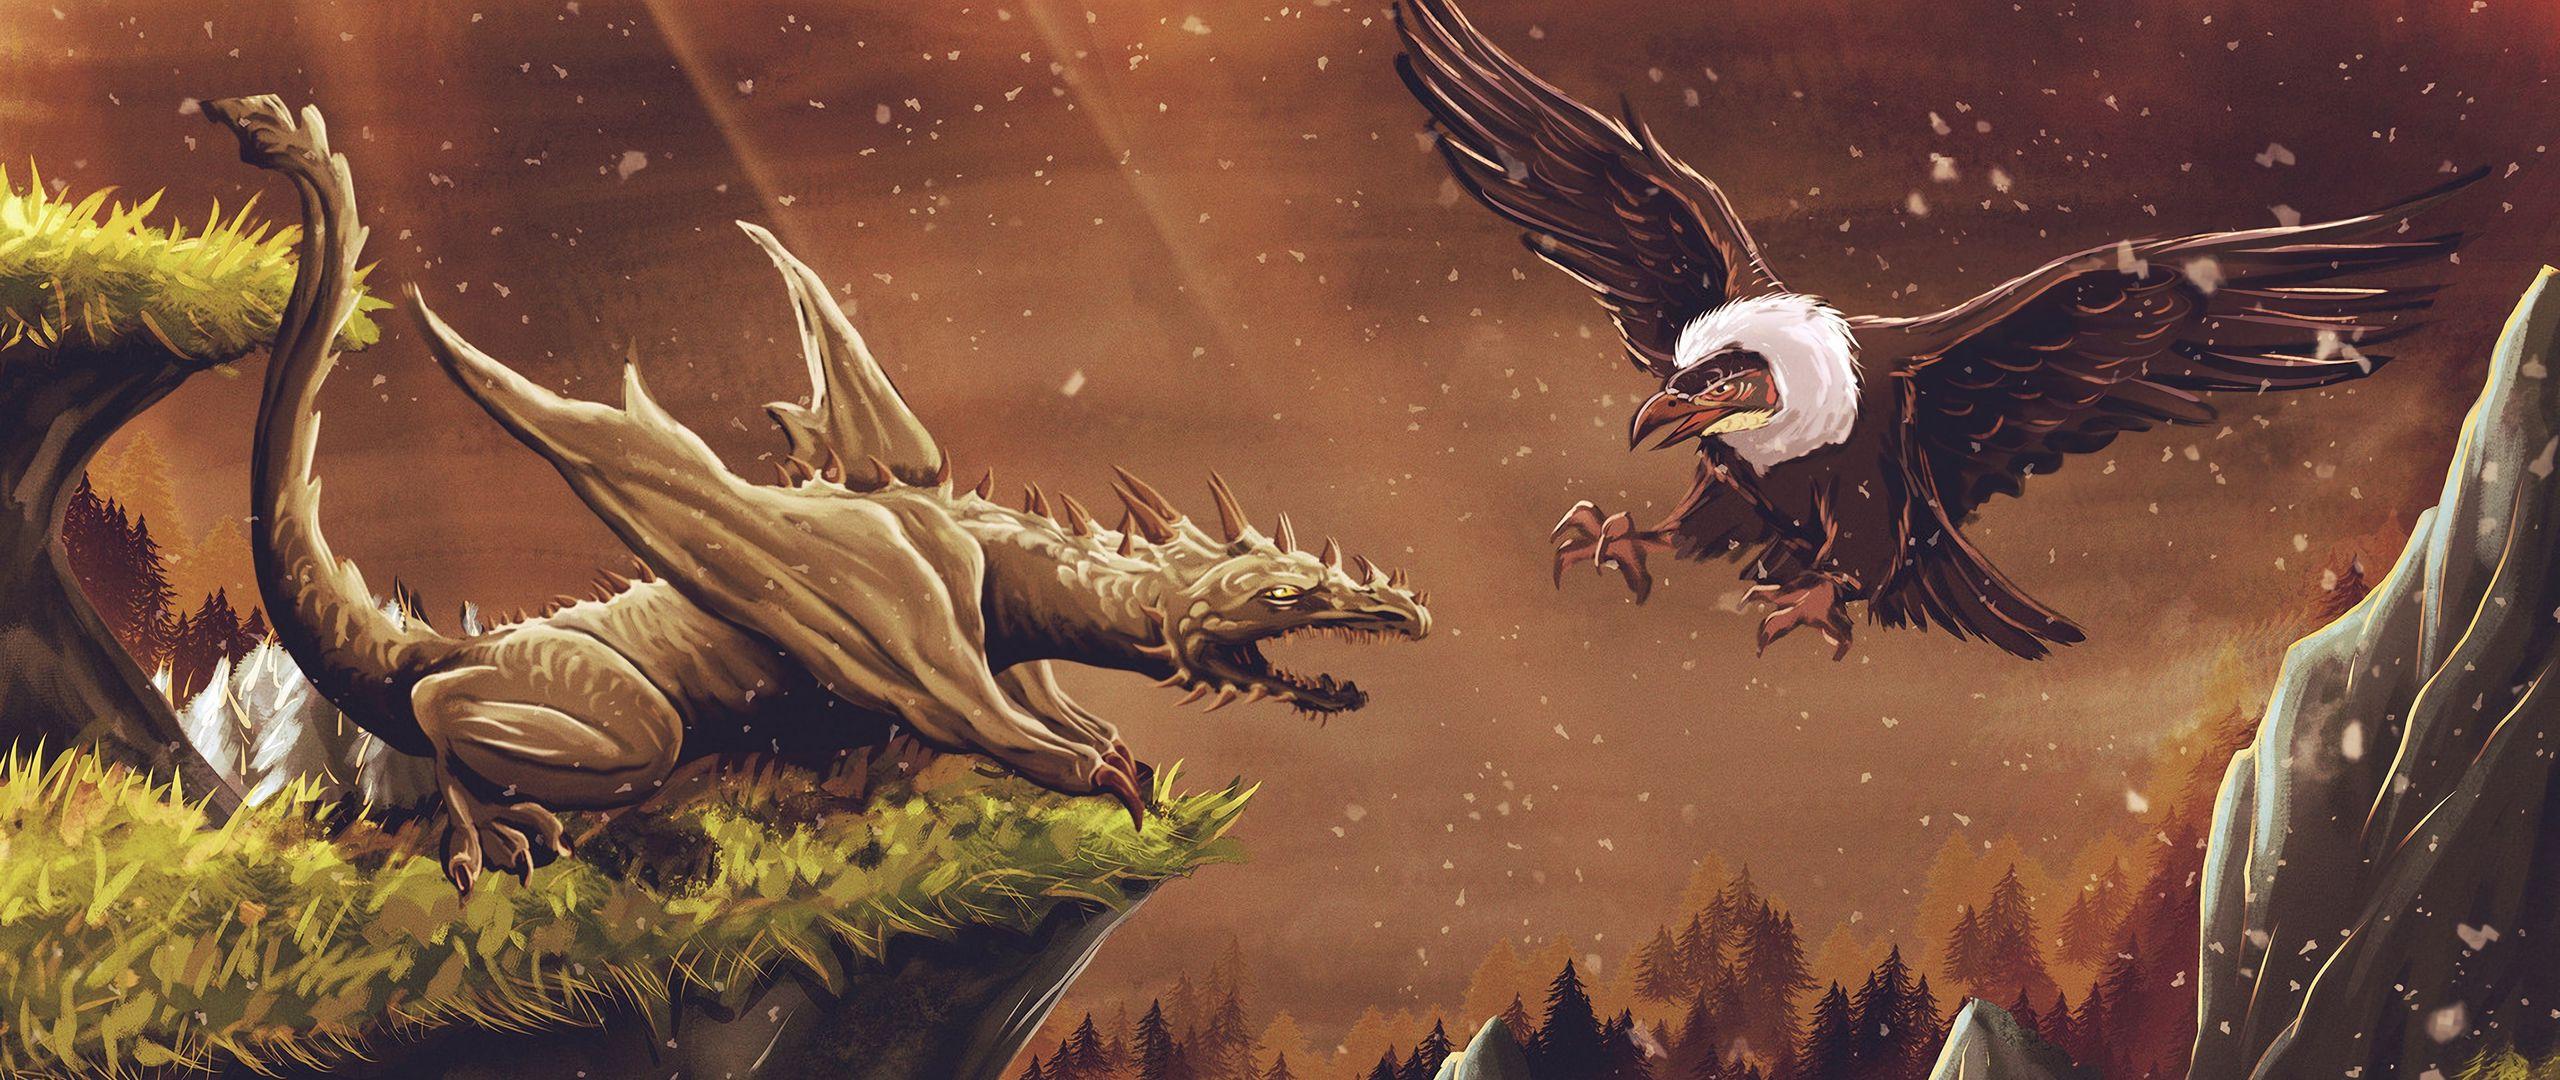 2560x1080 Wallpaper dragon, vulture, bird, art, fiction